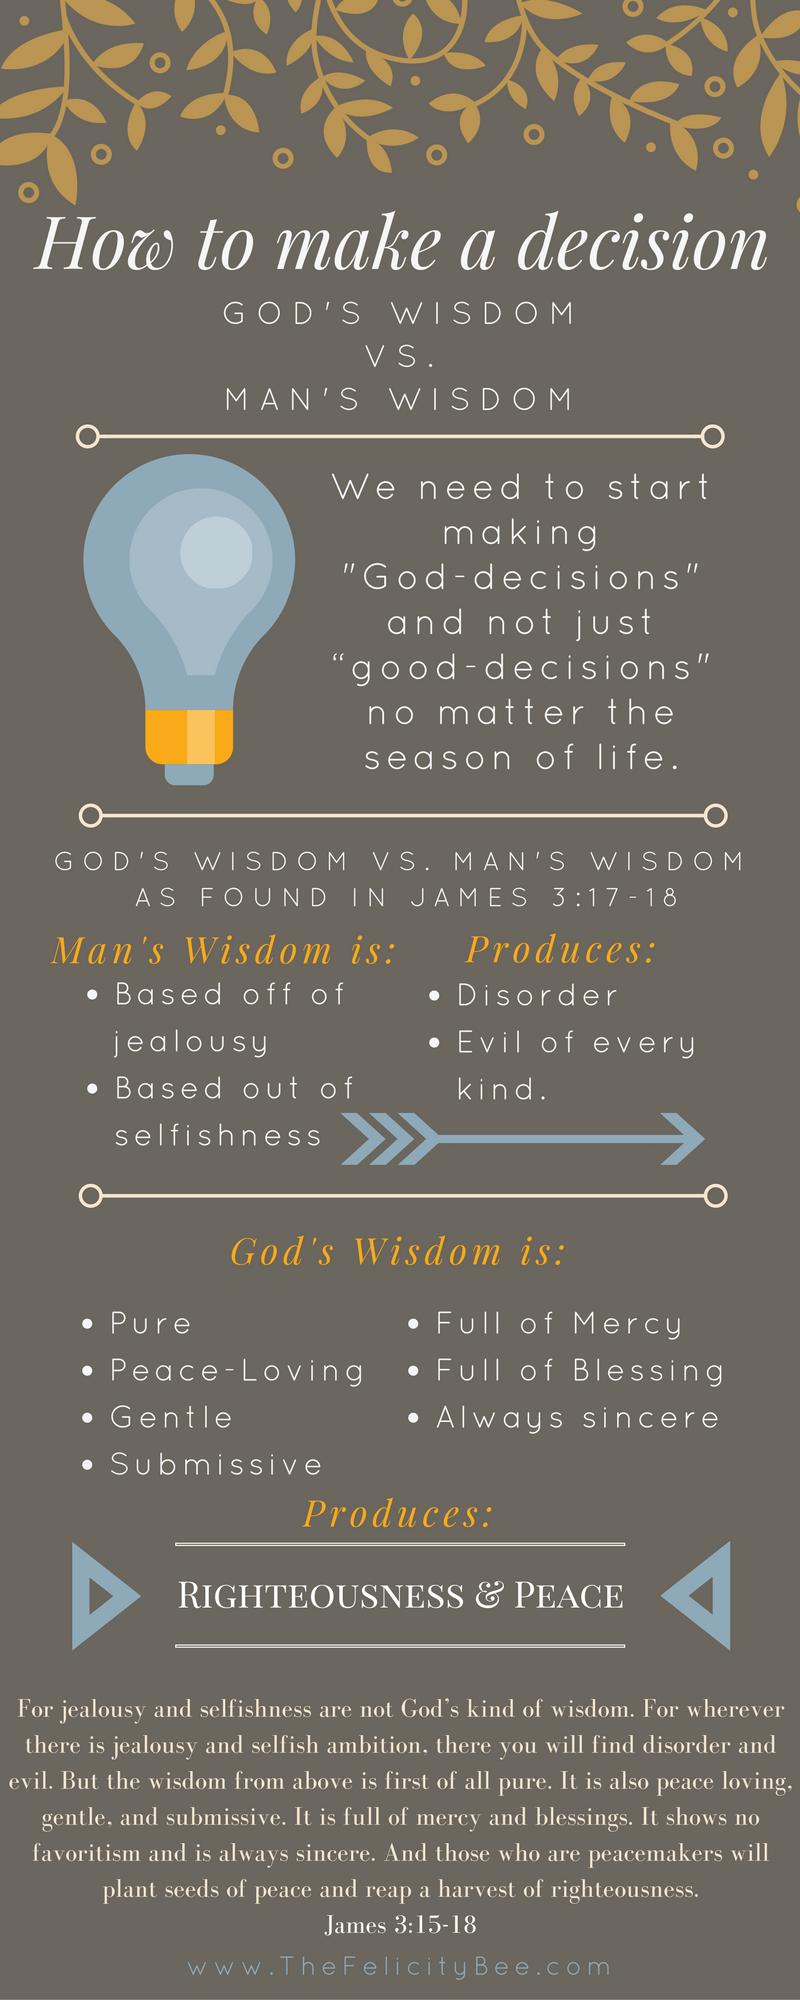 Godly wisdom vs. Man's wisdom